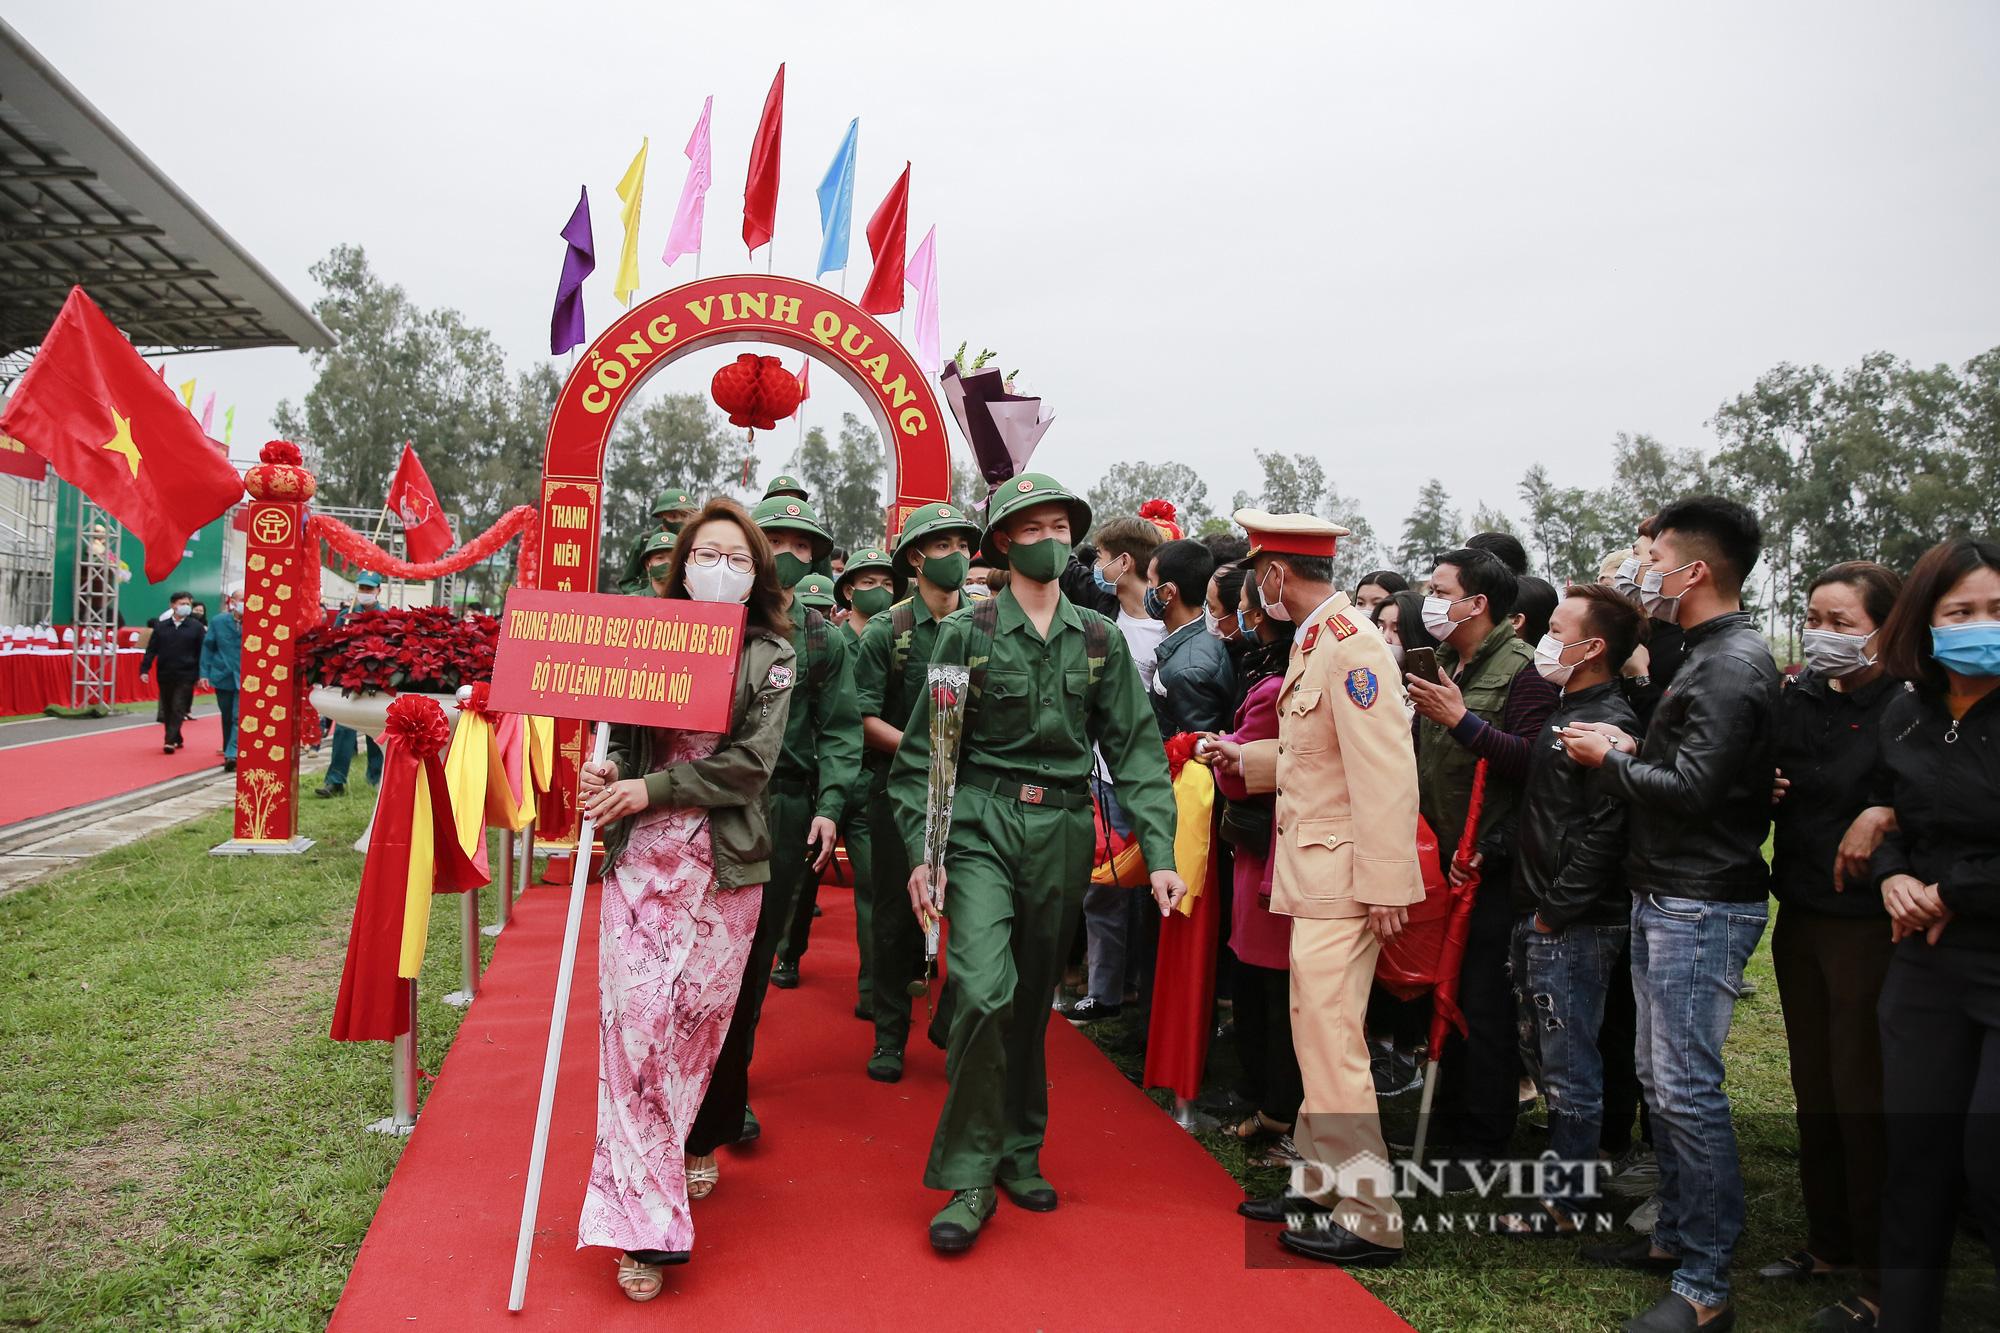 Khoảnh khắc xúc động ngày thanh niên Hà Nội lên đường thực hiện nghĩa vụ quân sự - Ảnh 3.